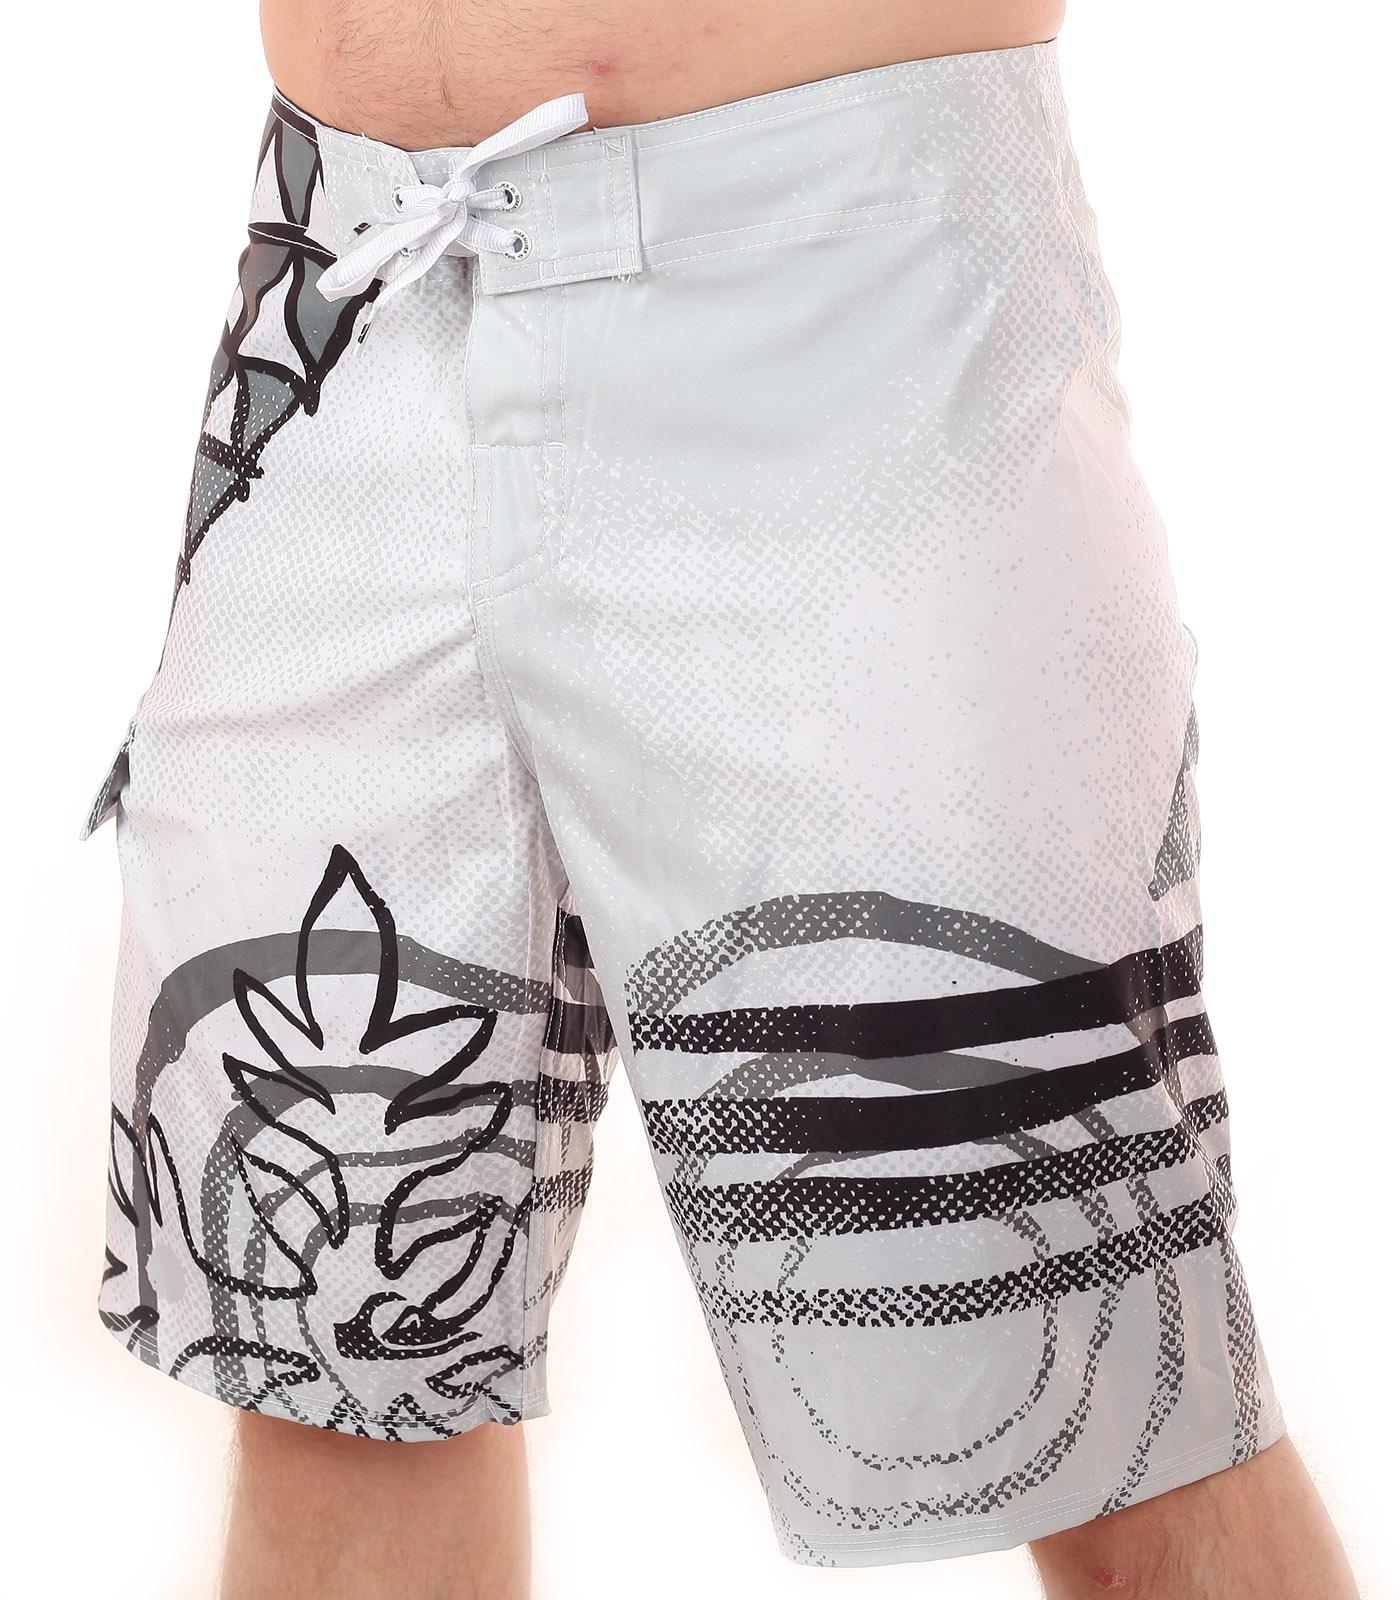 Быстросохнущие плавательные шорты со скидками